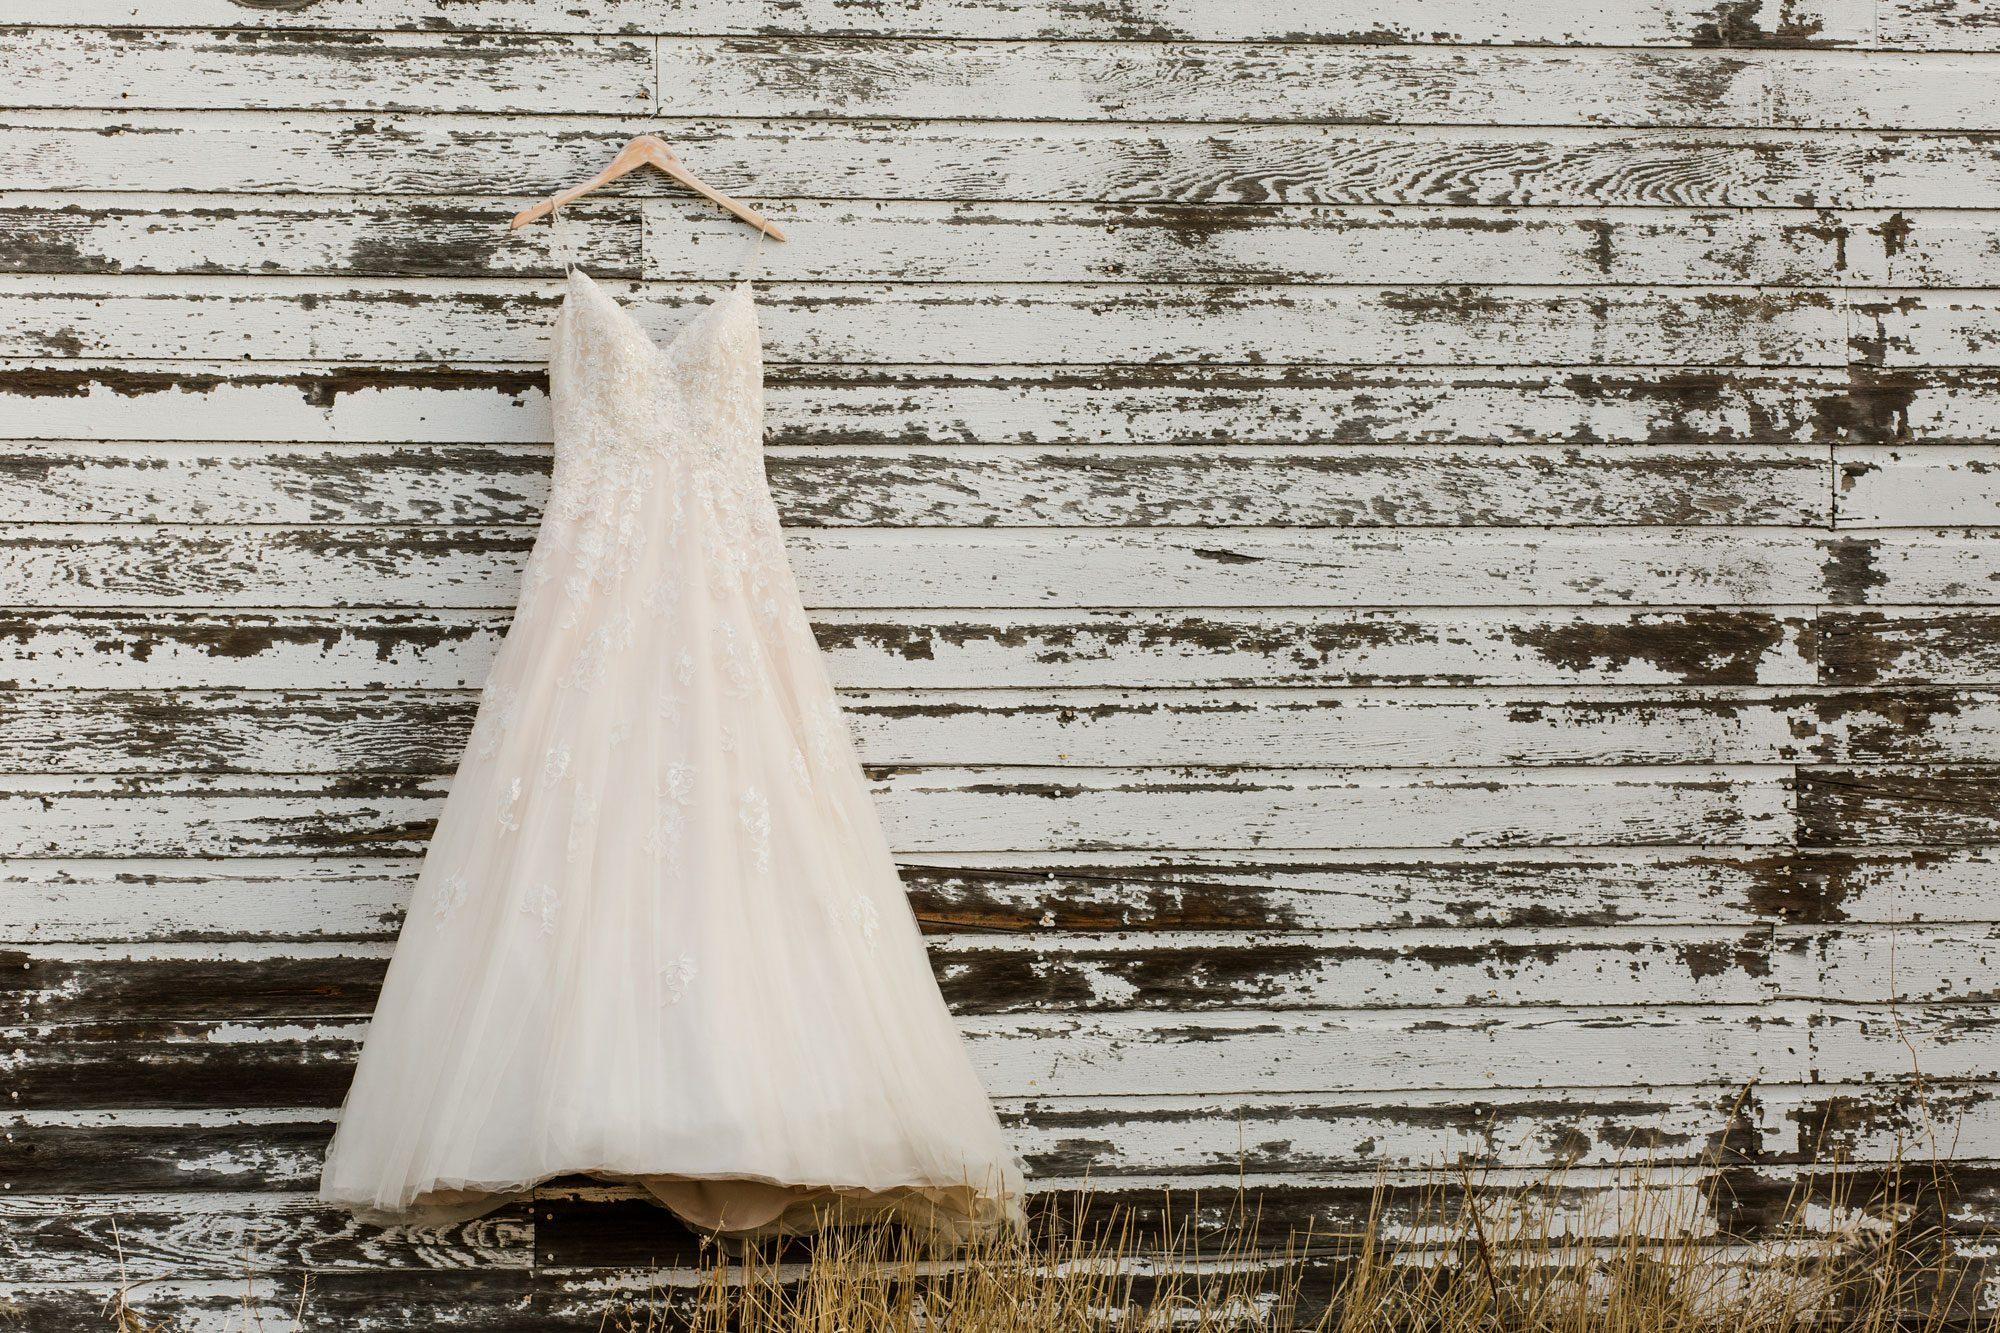 Dress - A Winter Wedding Shoot in Montana